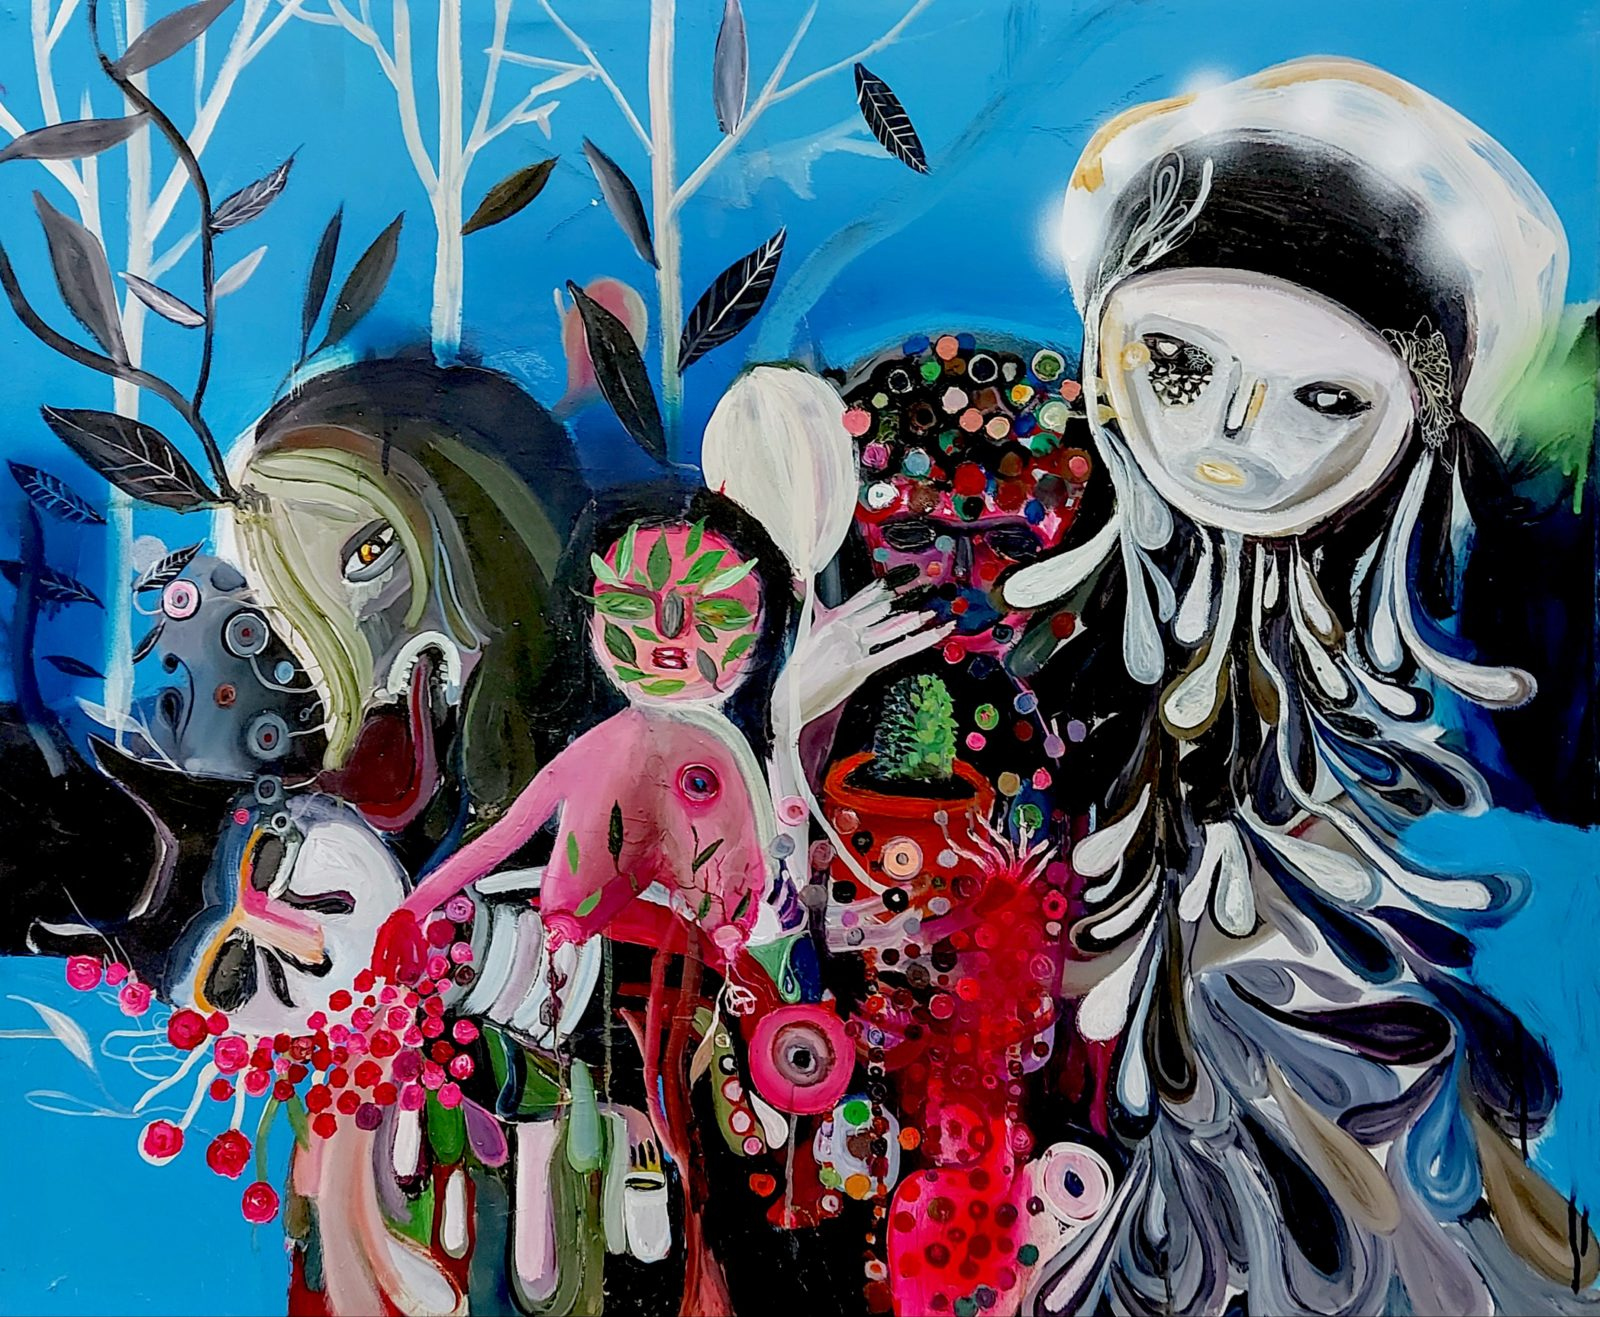 Untitled (figures in blue landscape)